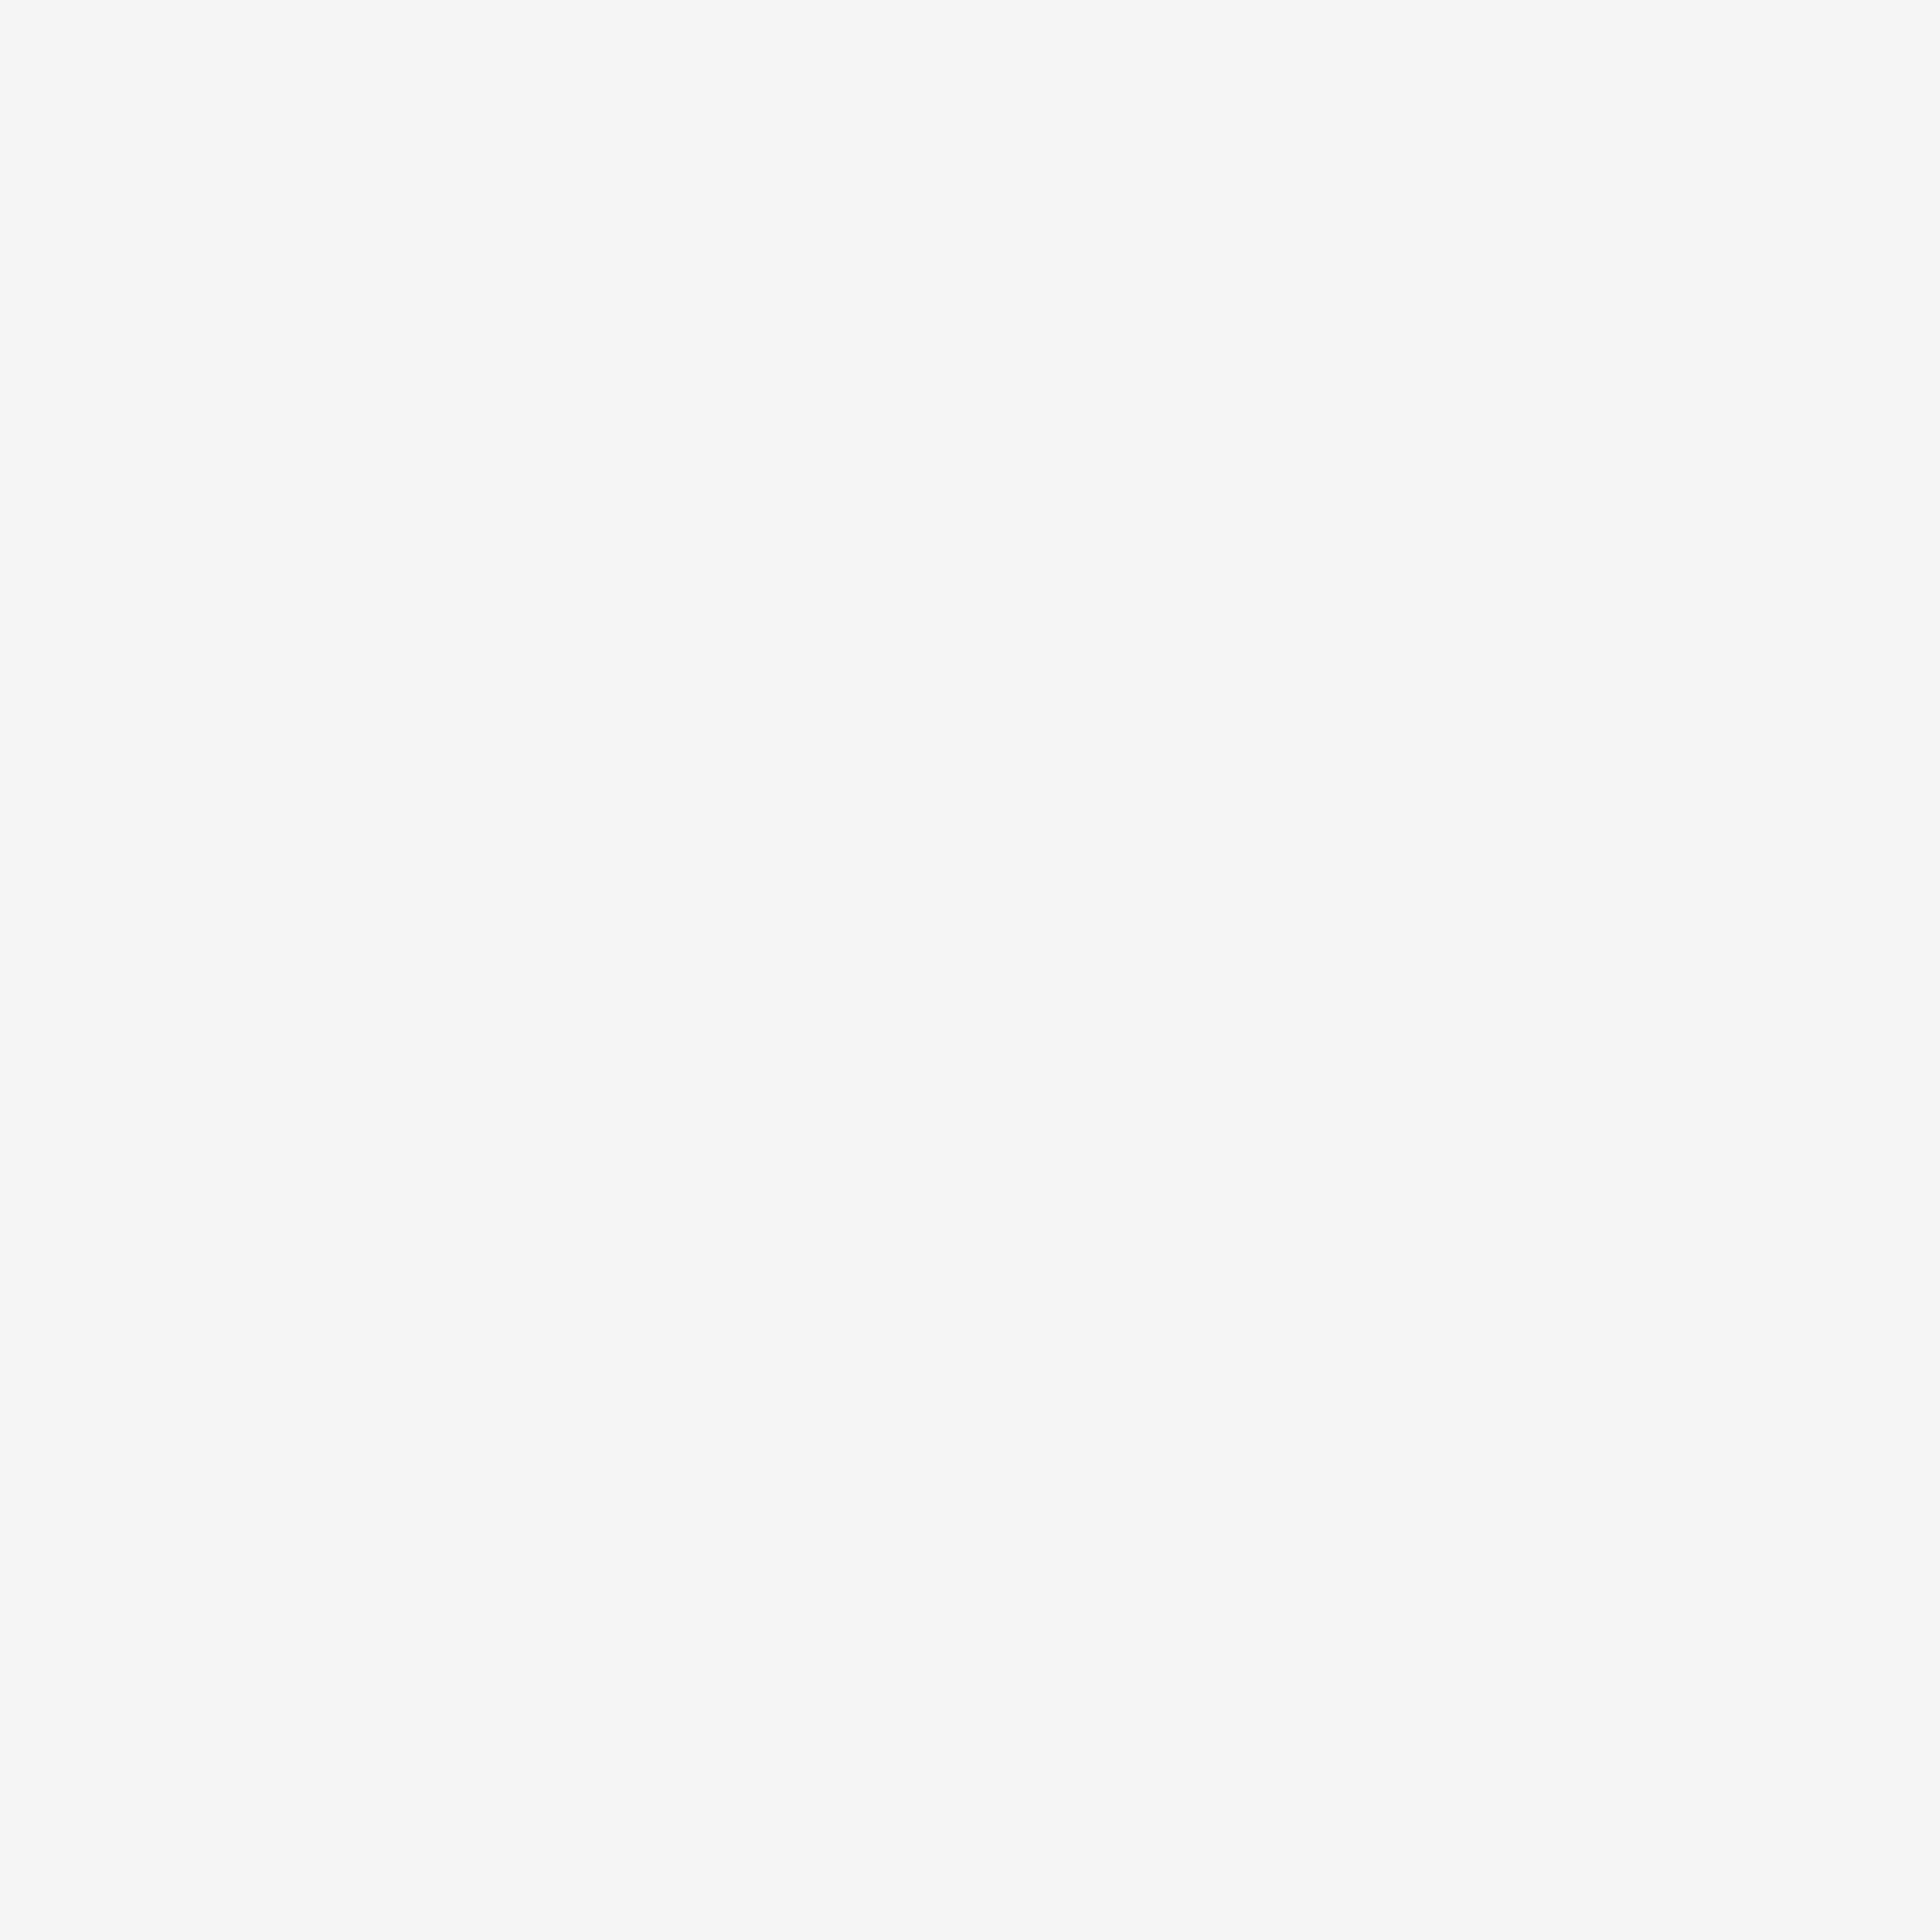 9474c1780e5 Nike Air Max Axis (gs) Junior. AH5226 001. Product afbeelding · Product  afbeelding · Product afbeelding · Product afbeelding · Product afbeelding